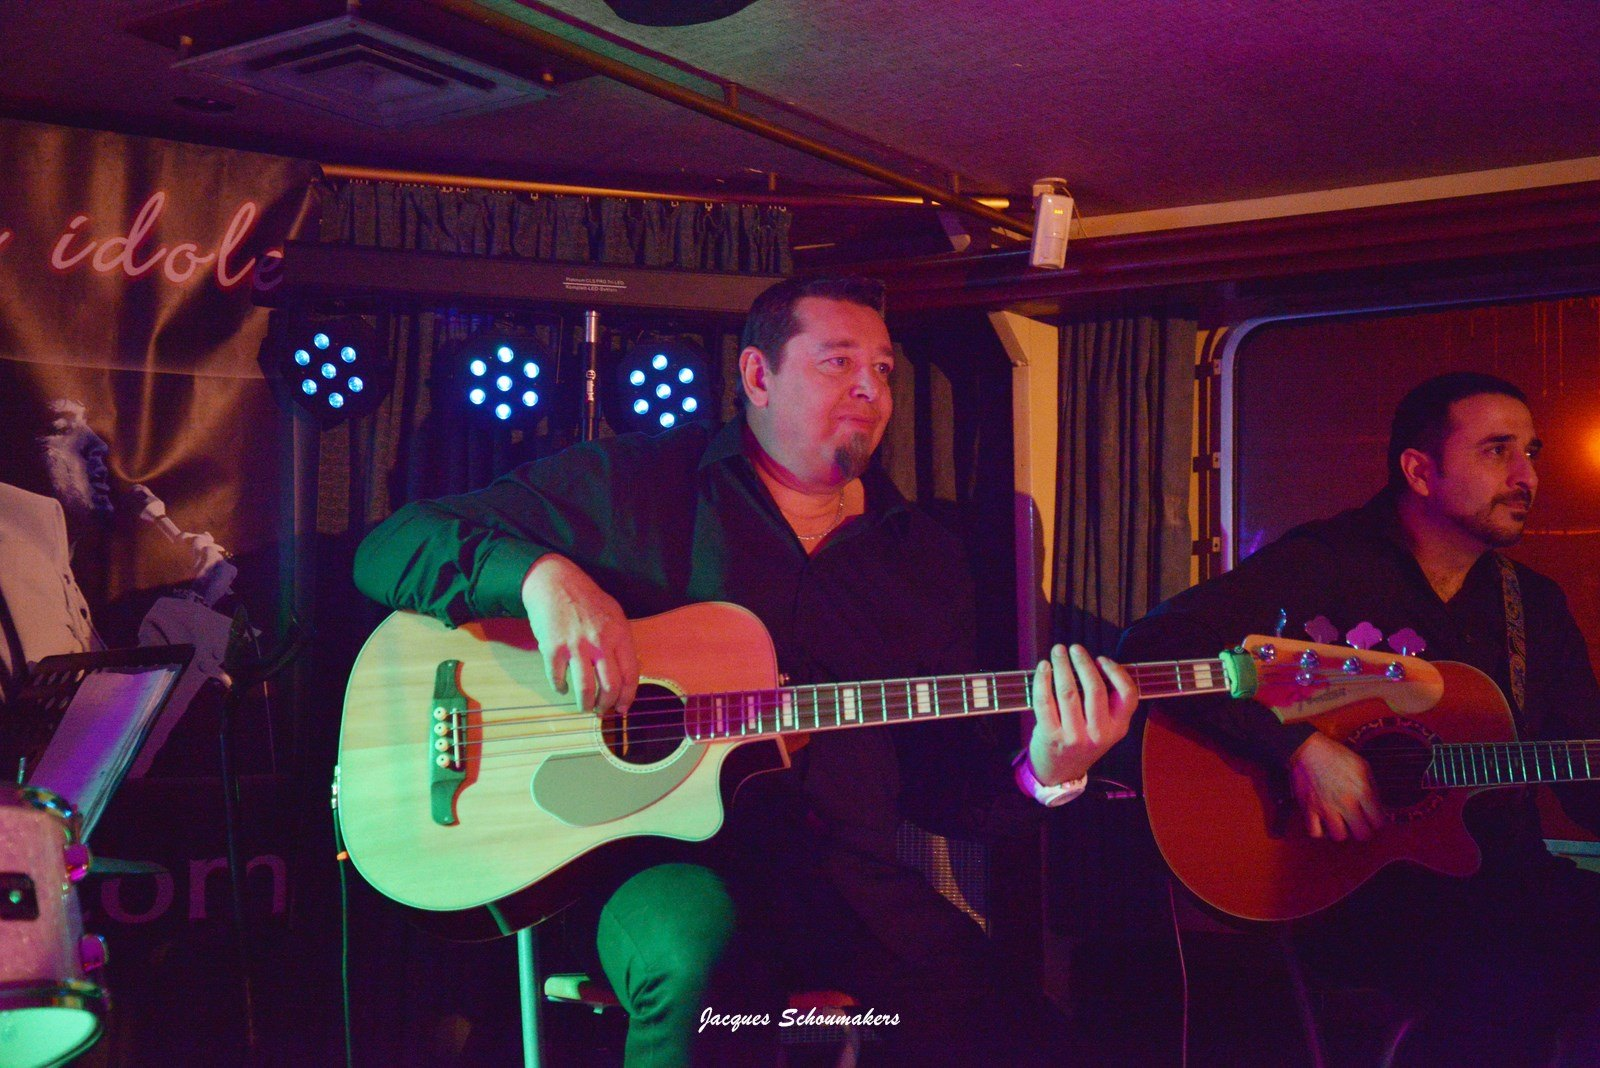 300-Sebastian-For-Elvis-Croisiere-americaine-pays-de-liege-facebook